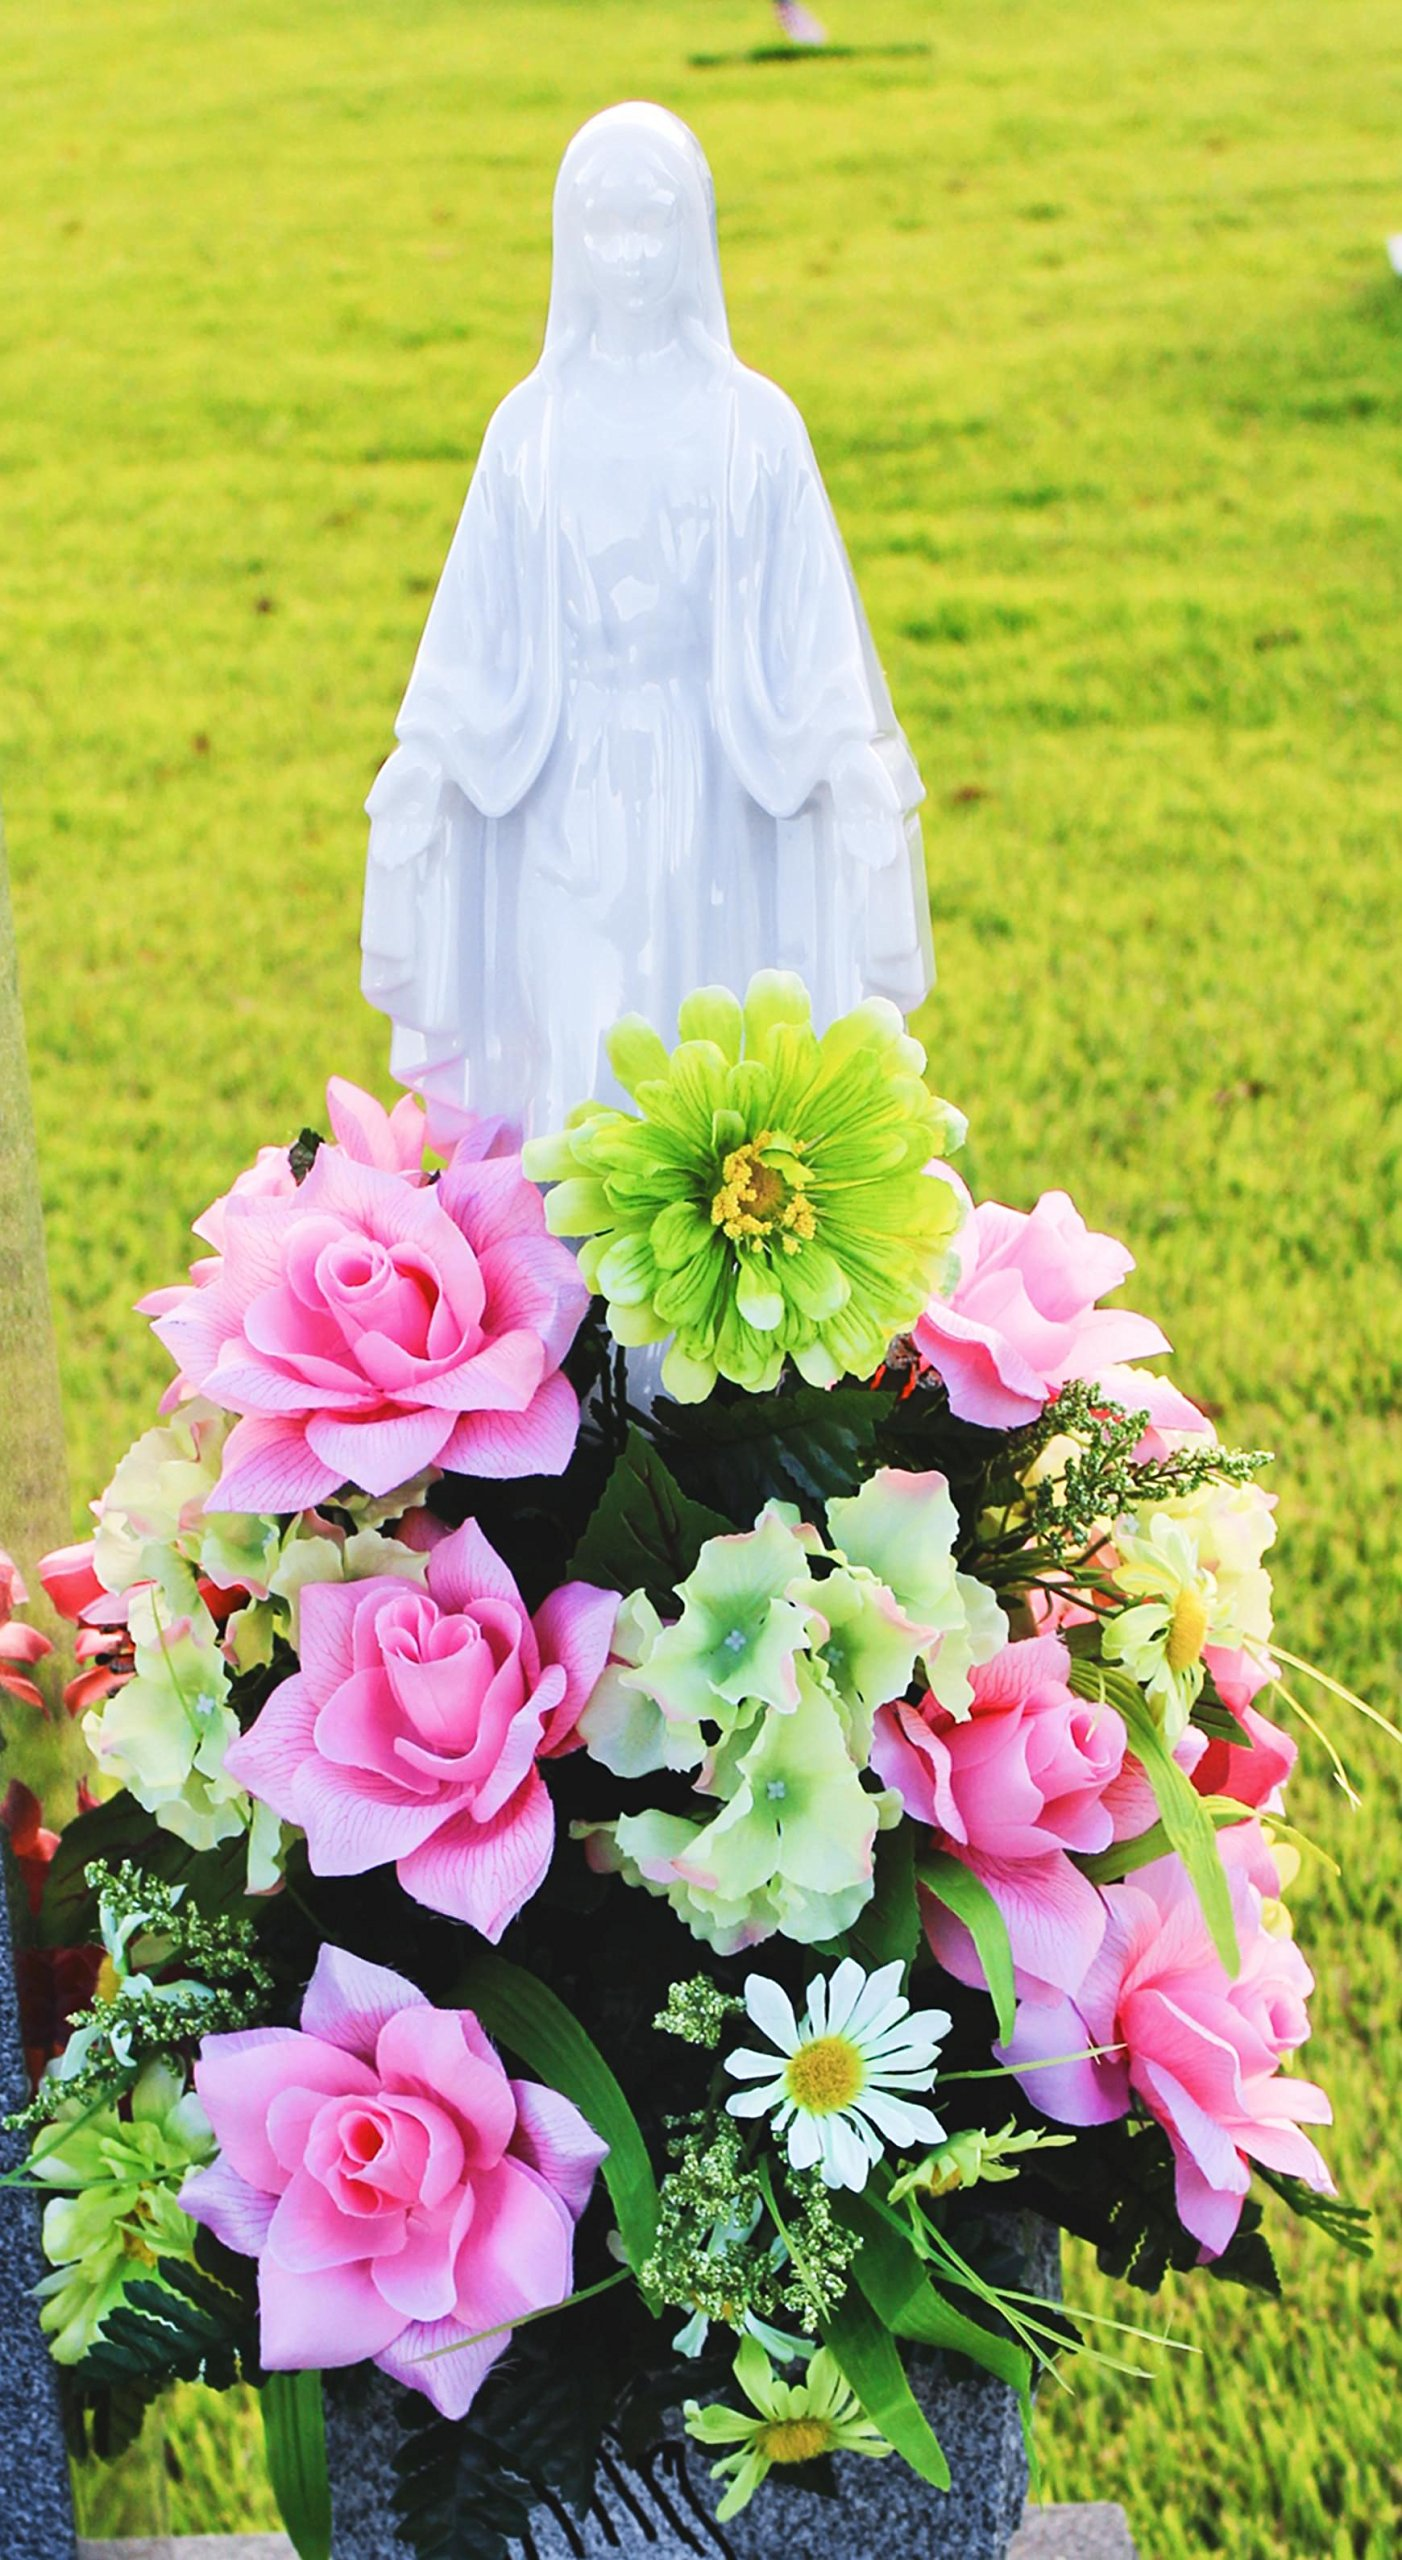 Eternal Light - Solar Lighted Mother Mary - Cemetery Memorial Home Garden Statue Religious